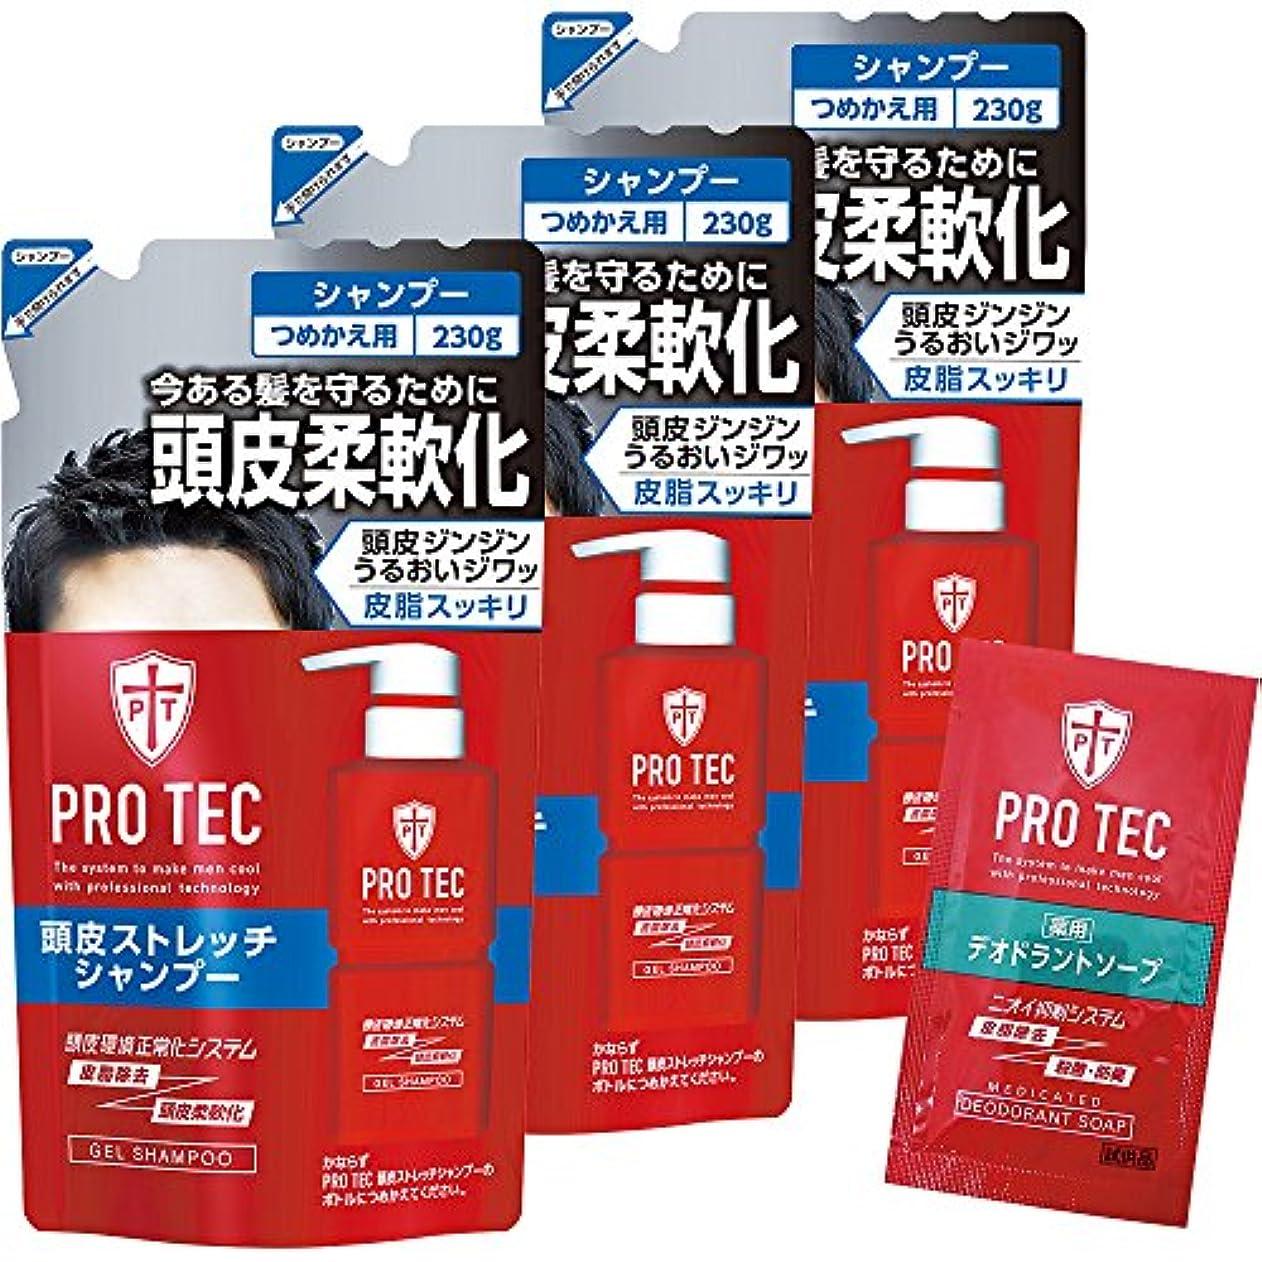 感情の宣伝入札【Amazon.co.jp限定】PRO TEC(プロテク) 頭皮ストレッチ シャンプー 詰め替え 230g×3個パック+デオドラントソープ1回分付(医薬部外品)